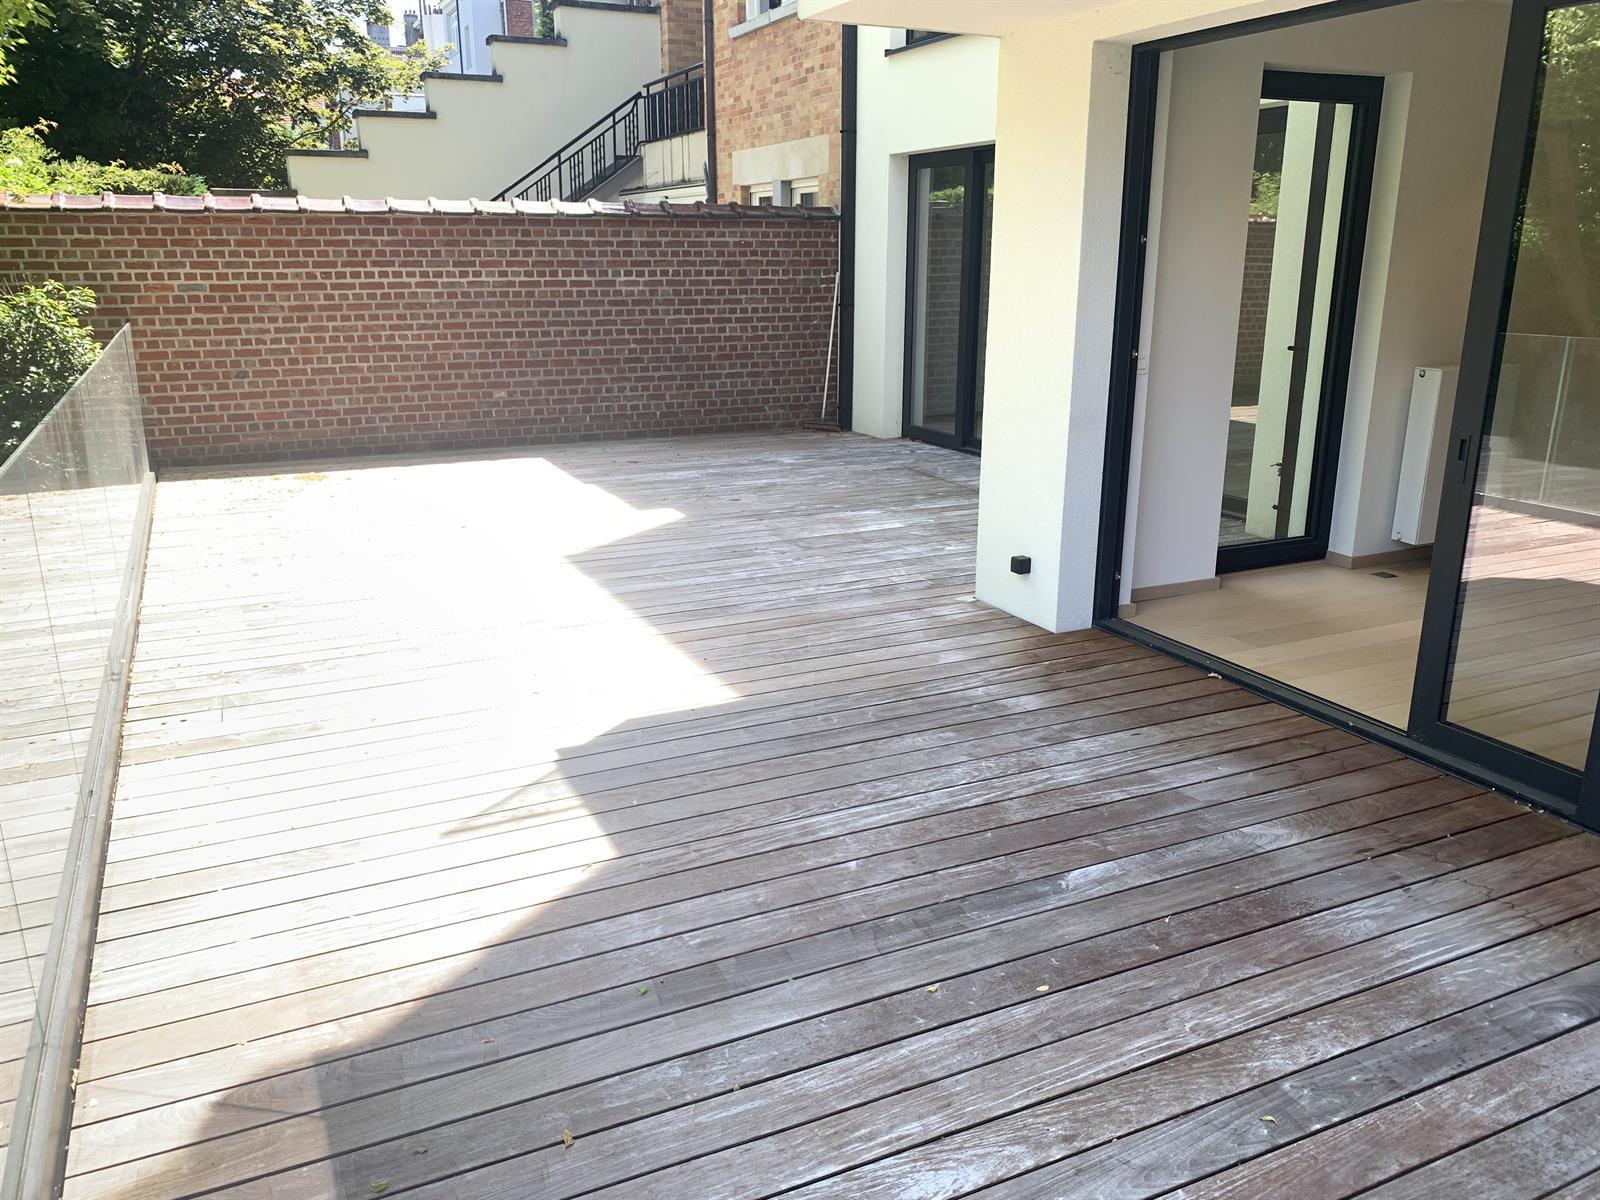 Appartement exceptionnel - Ixelles - #4392467-1